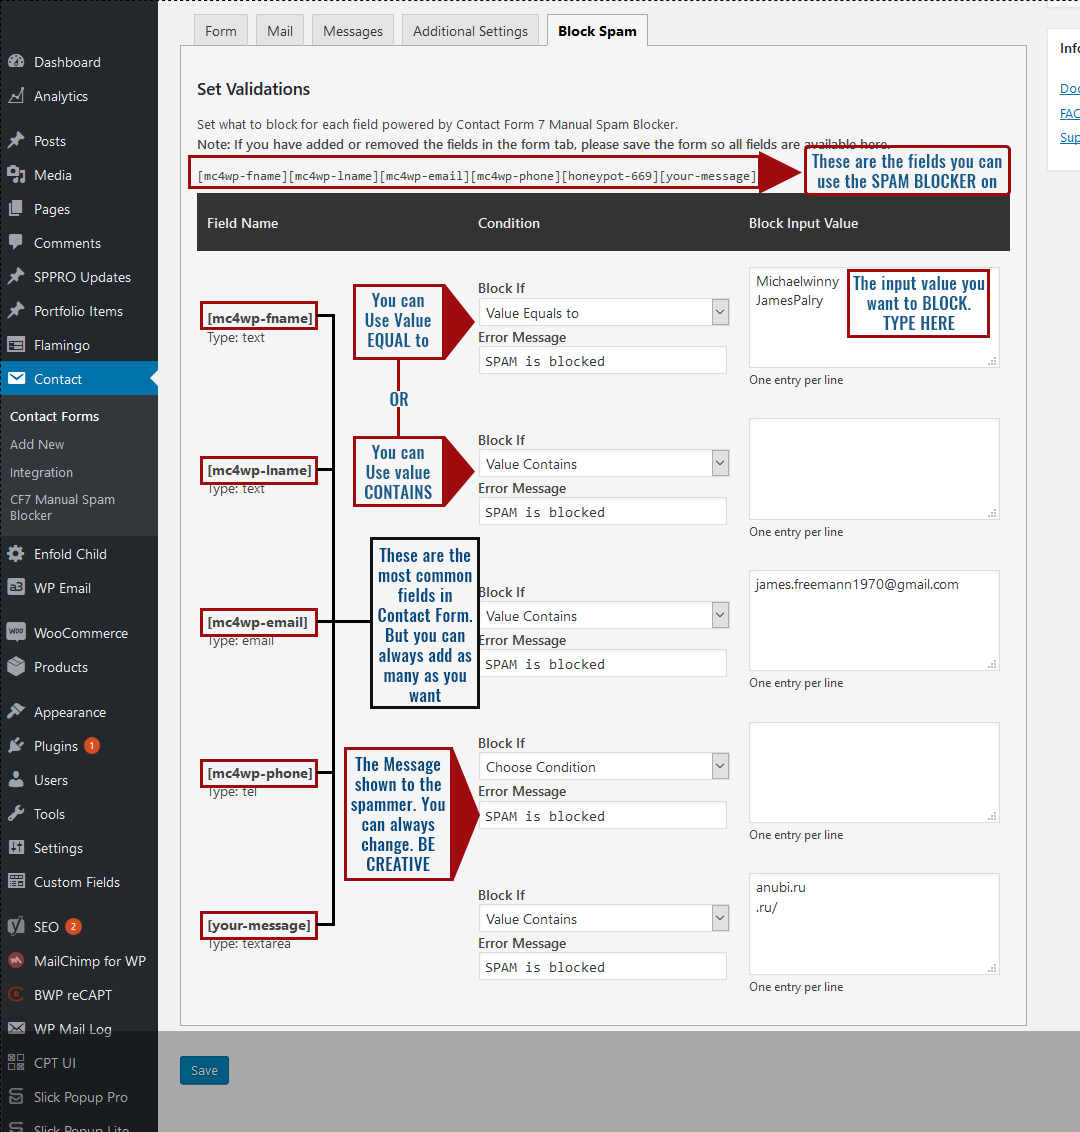 Contact Form 7 Manual Spam Blocker - 1